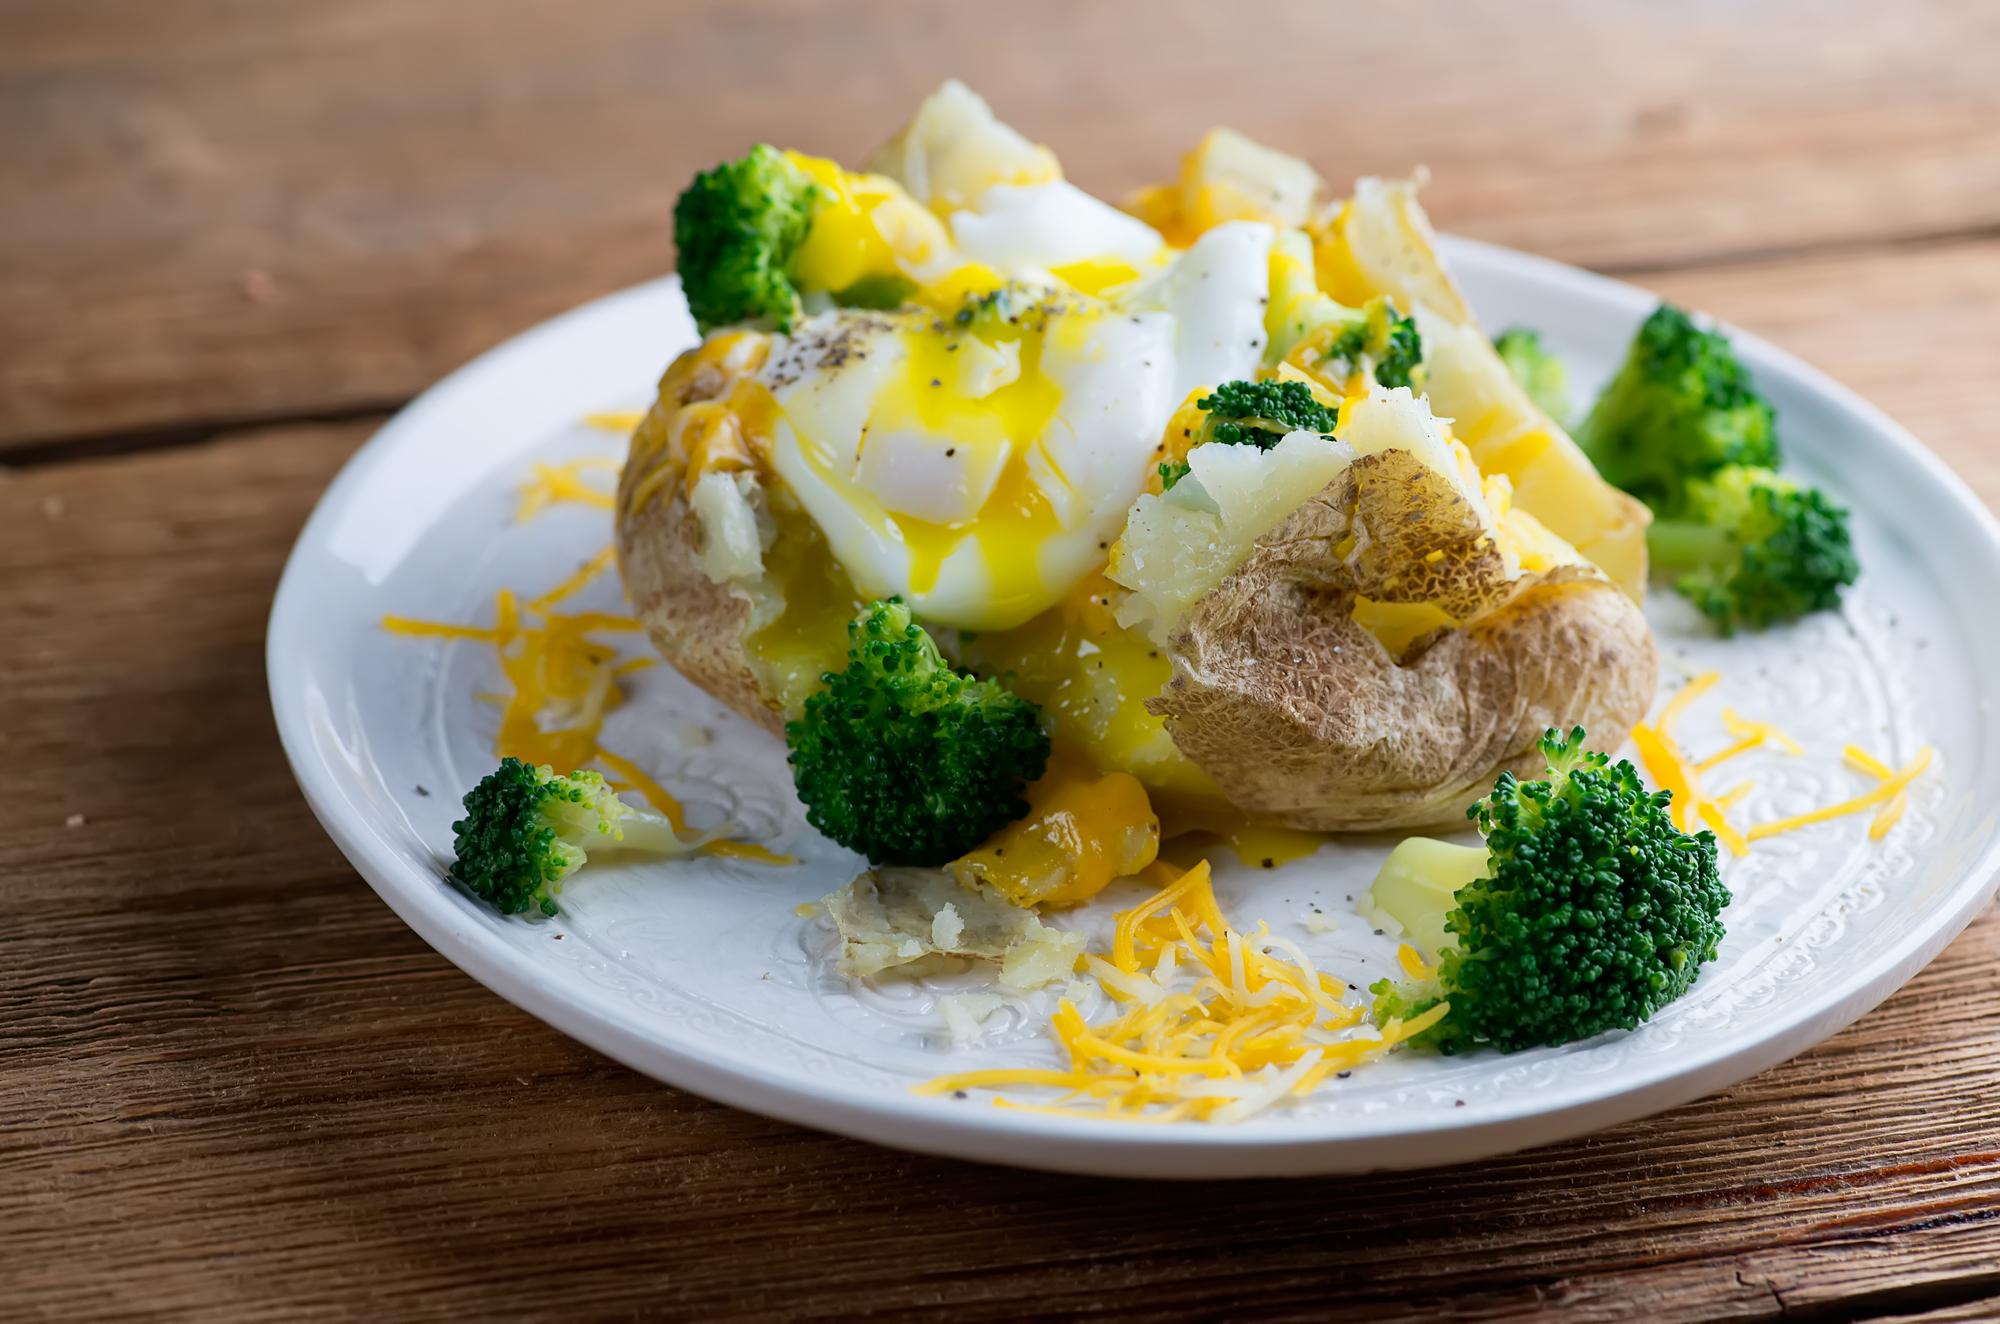 Broccoli, cheese and egg baked potato